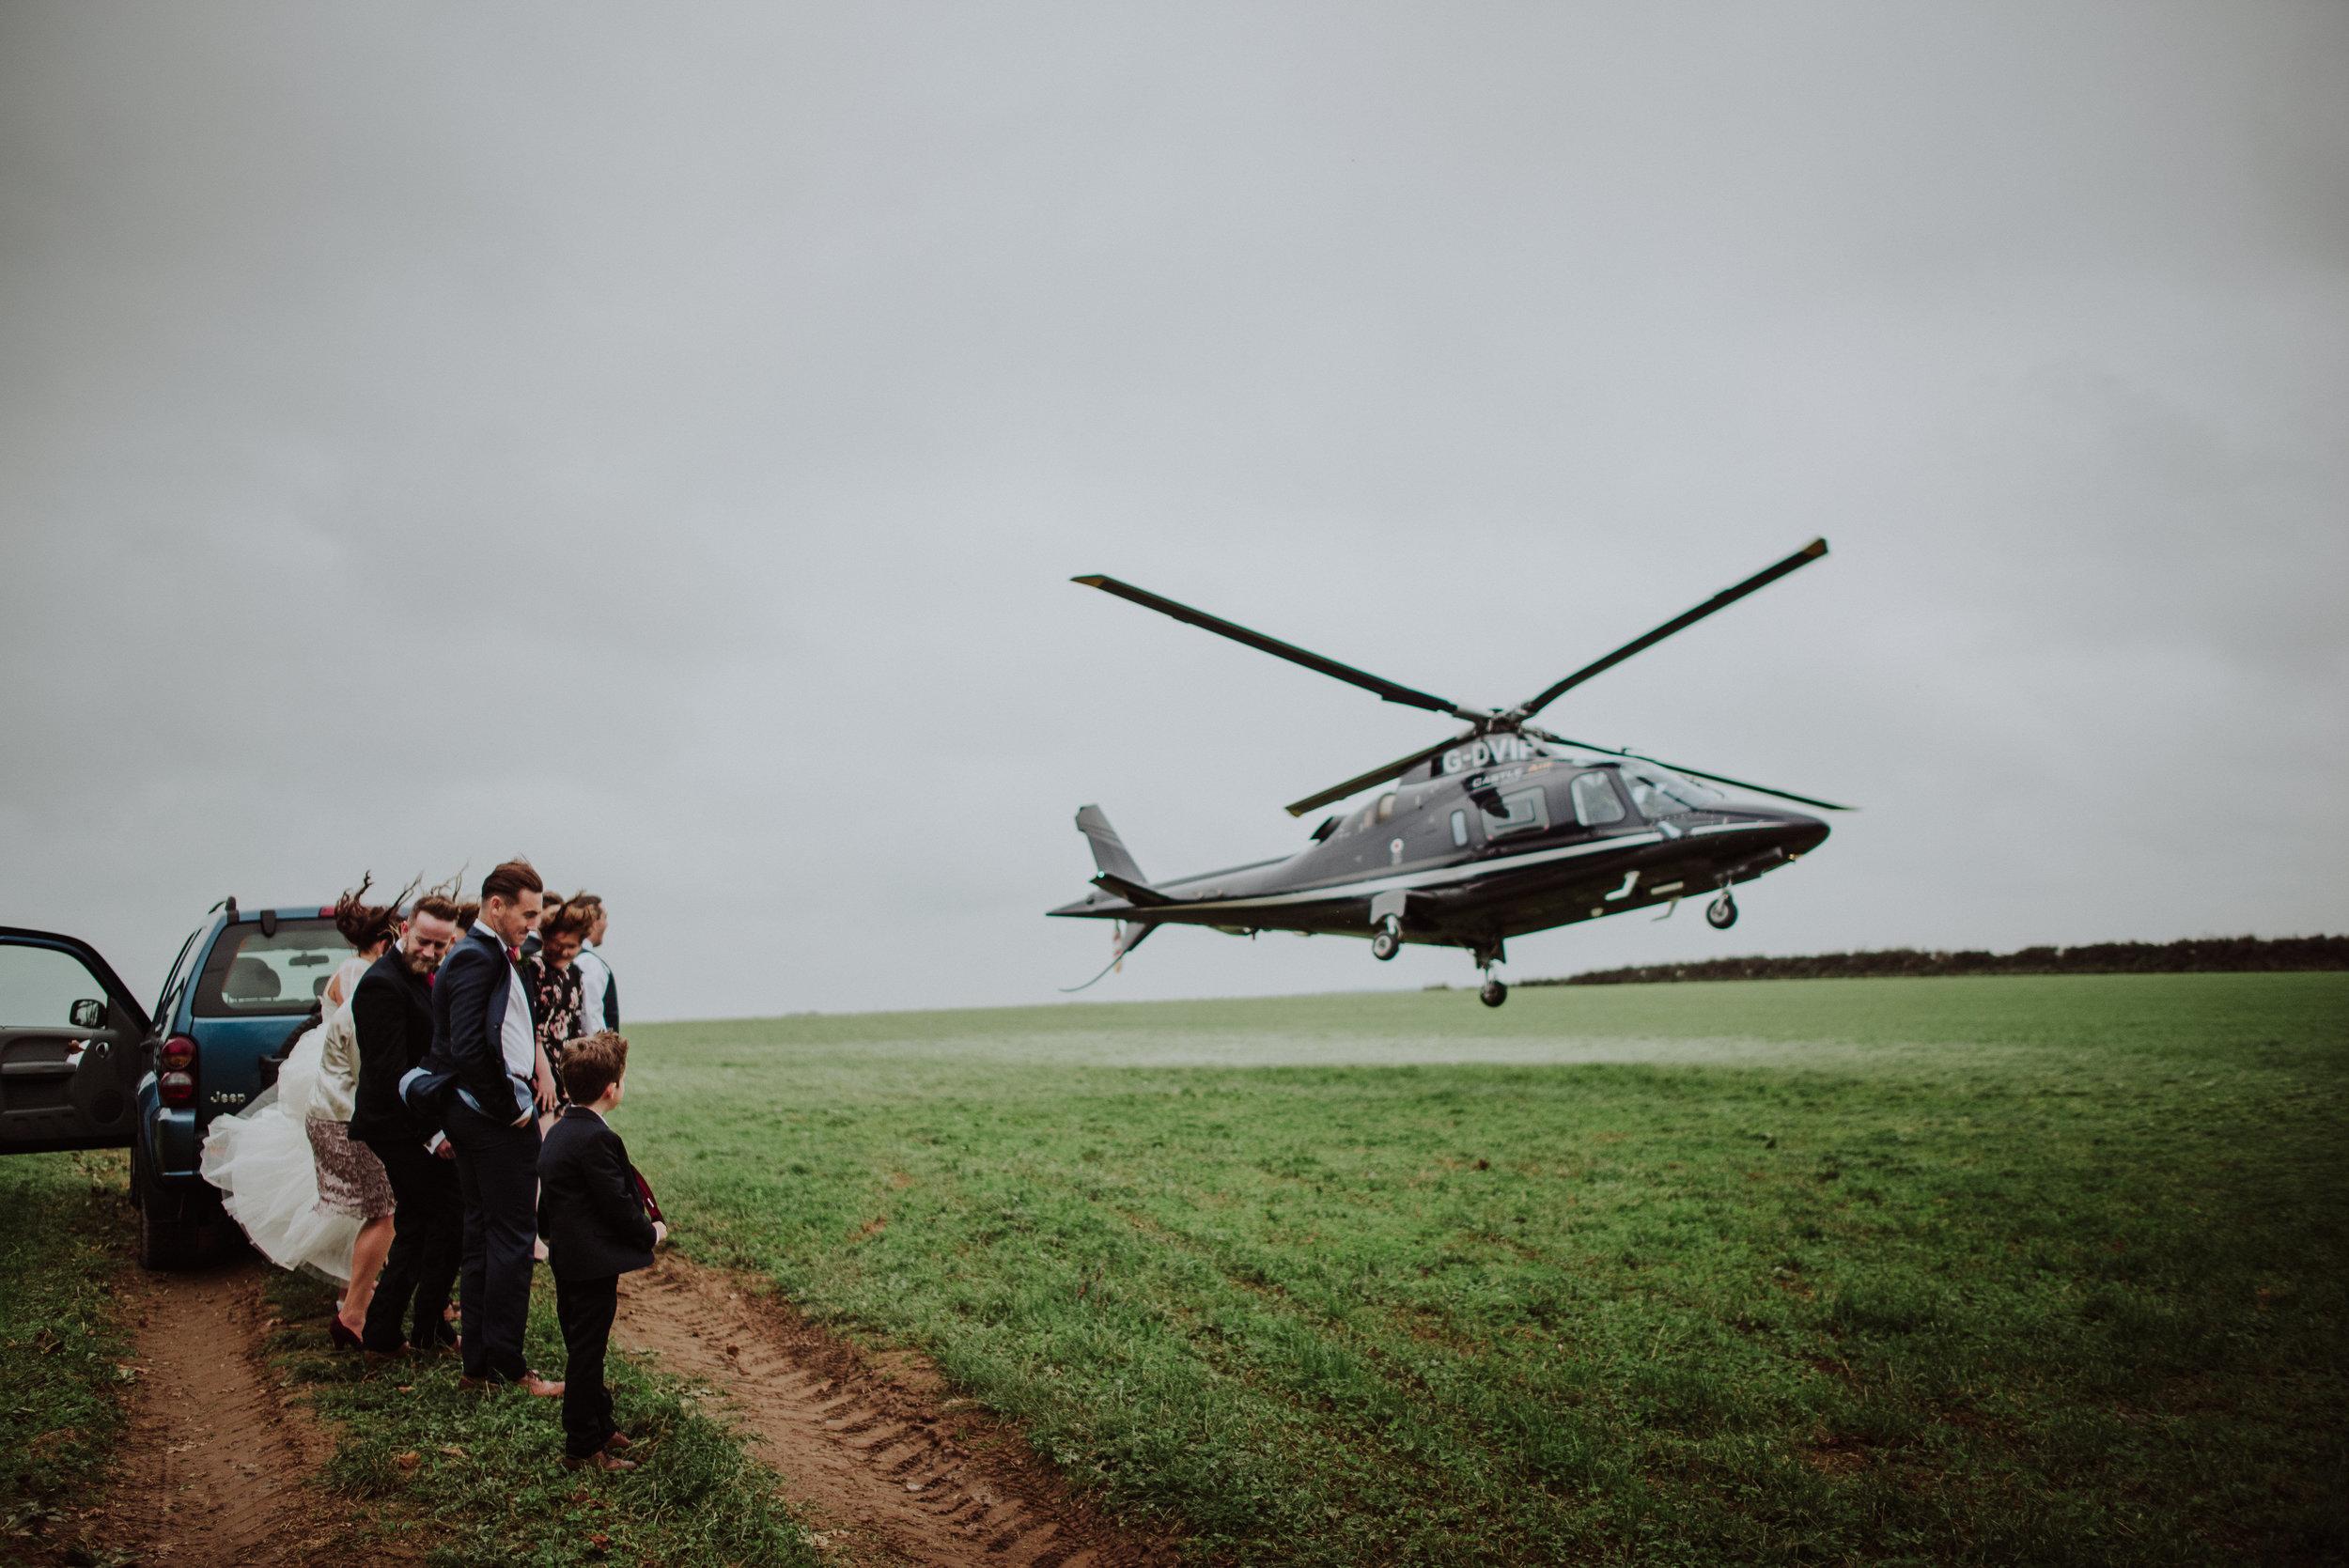 wedding-photographer-cornwall-helicopter-2.jpg